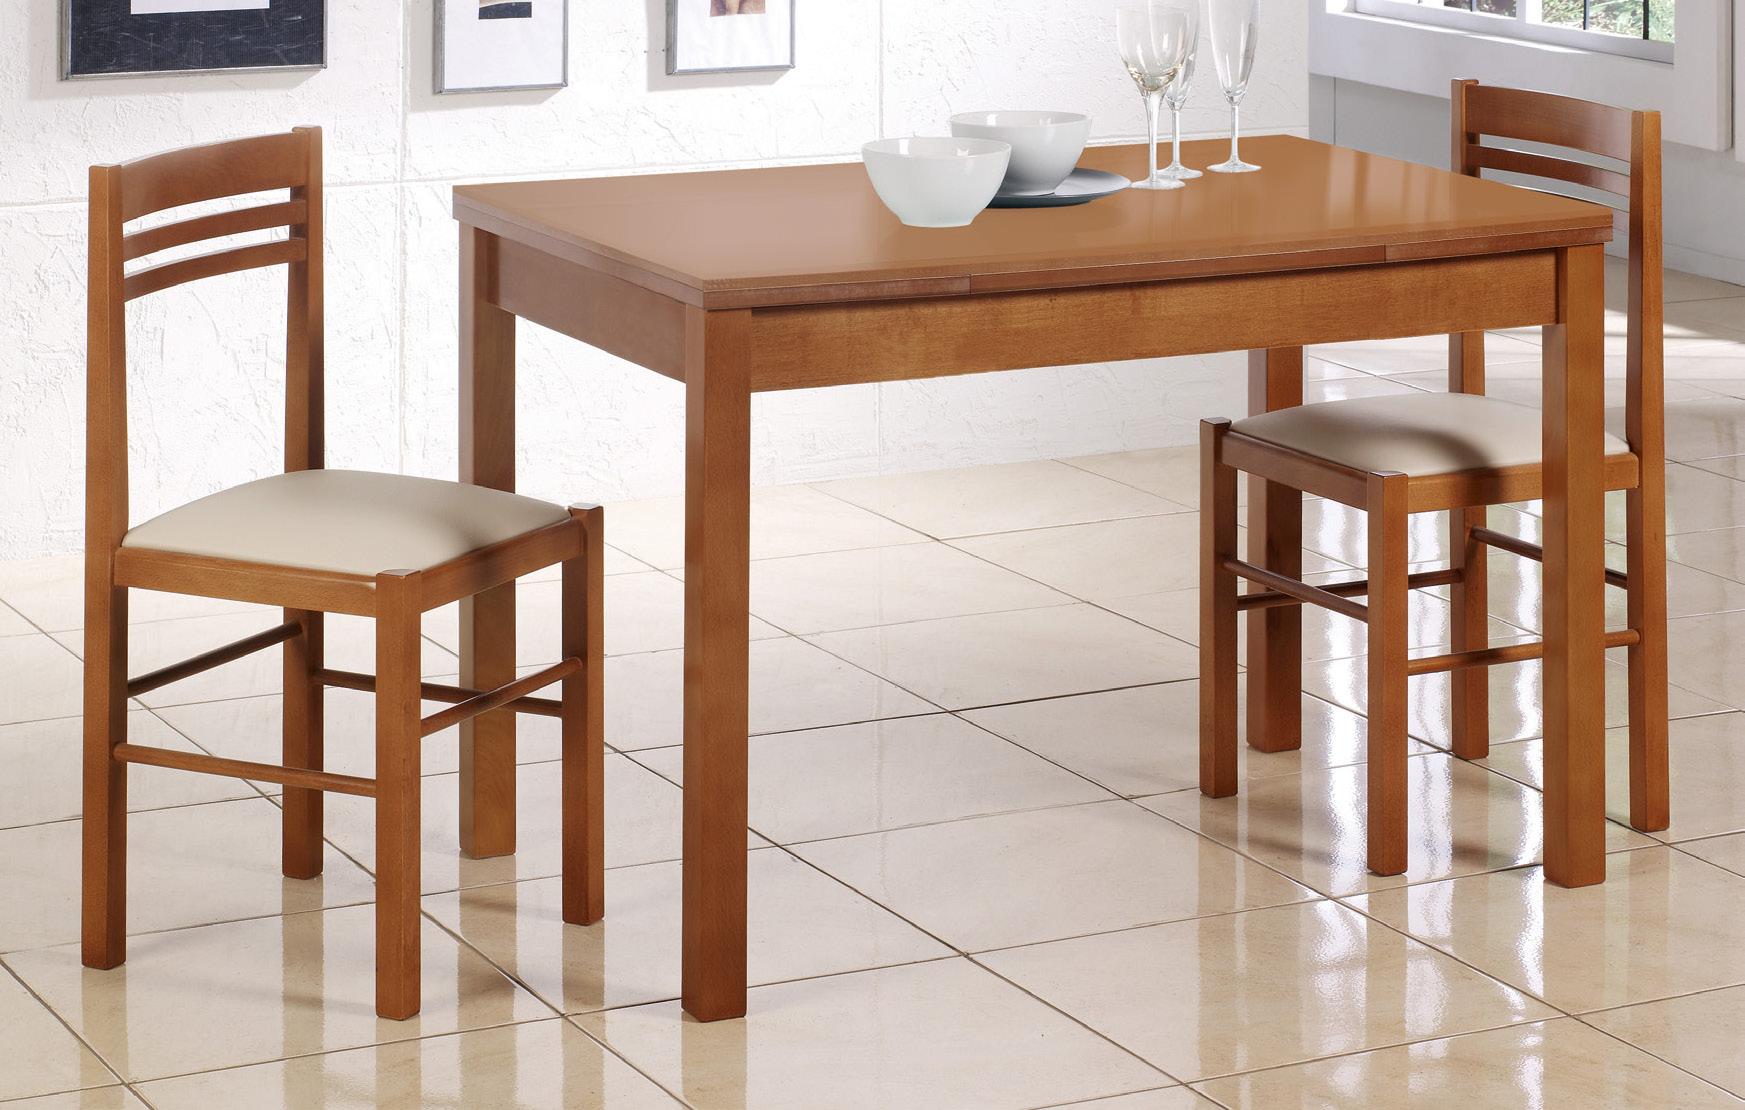 Mesas madera imeci f brica de mesas y sillas de cocina - Mesas auxiliares para cocina ...